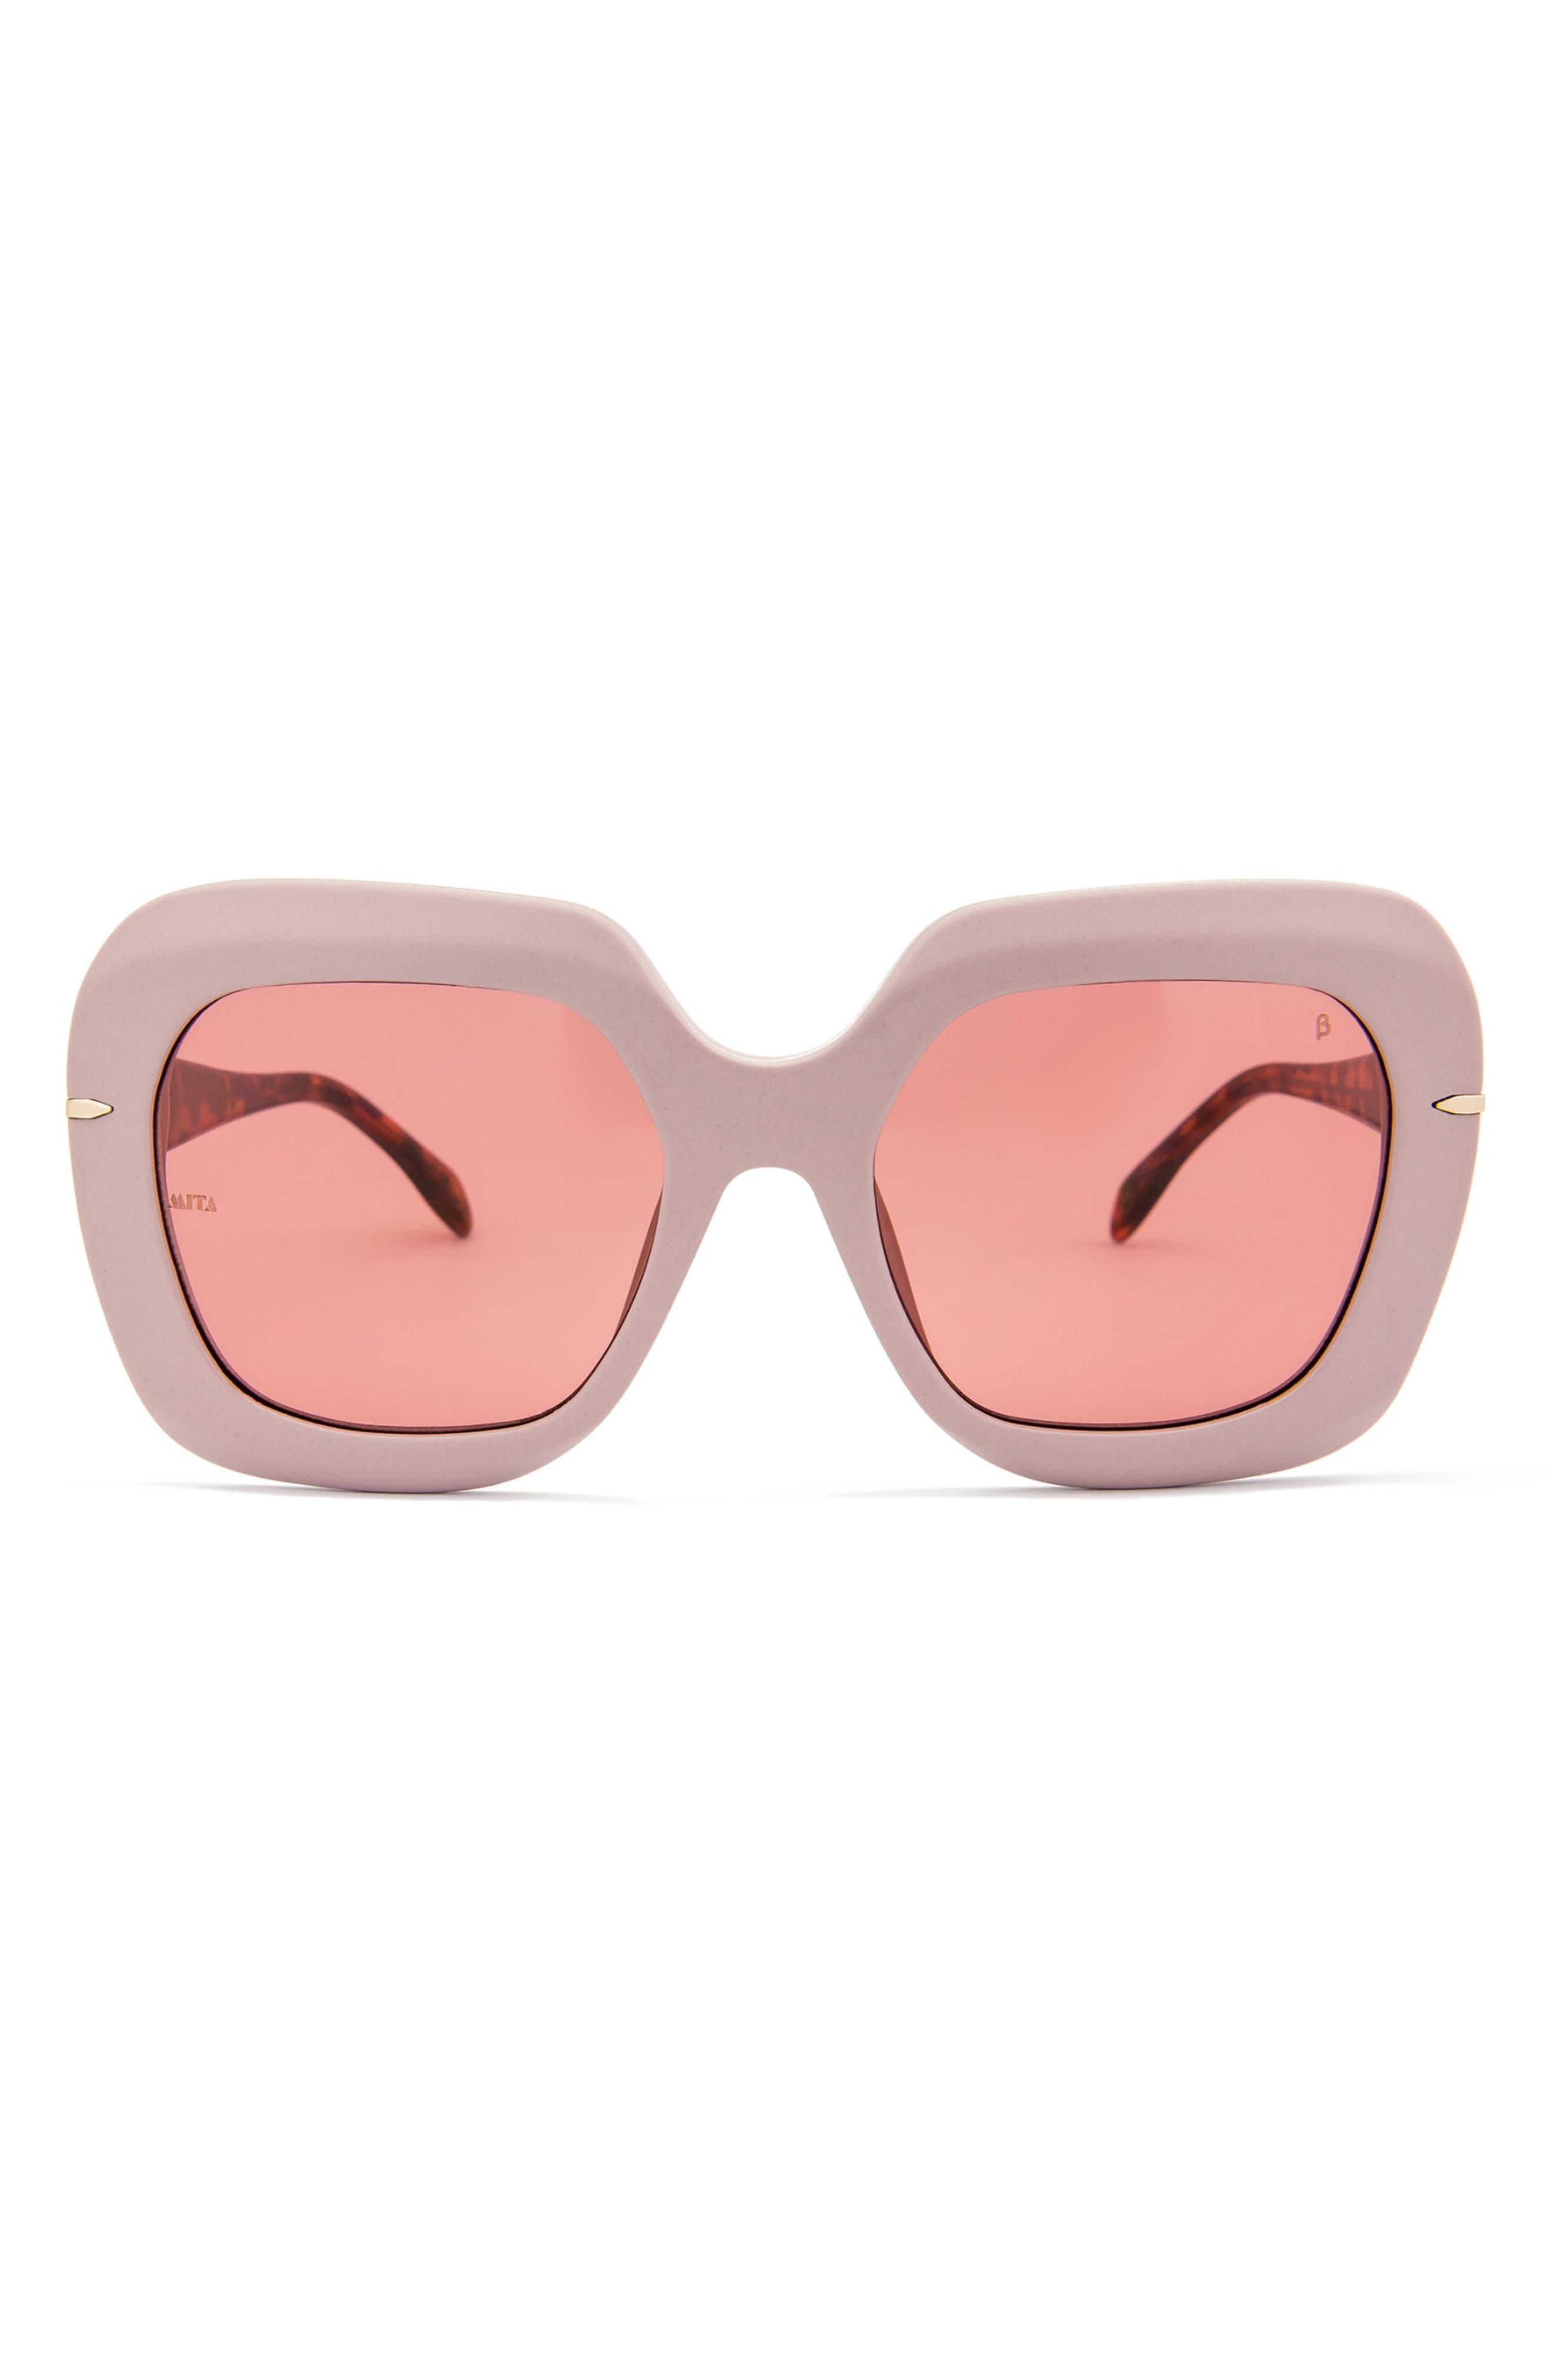 Mare 56mm Square Sunglasses